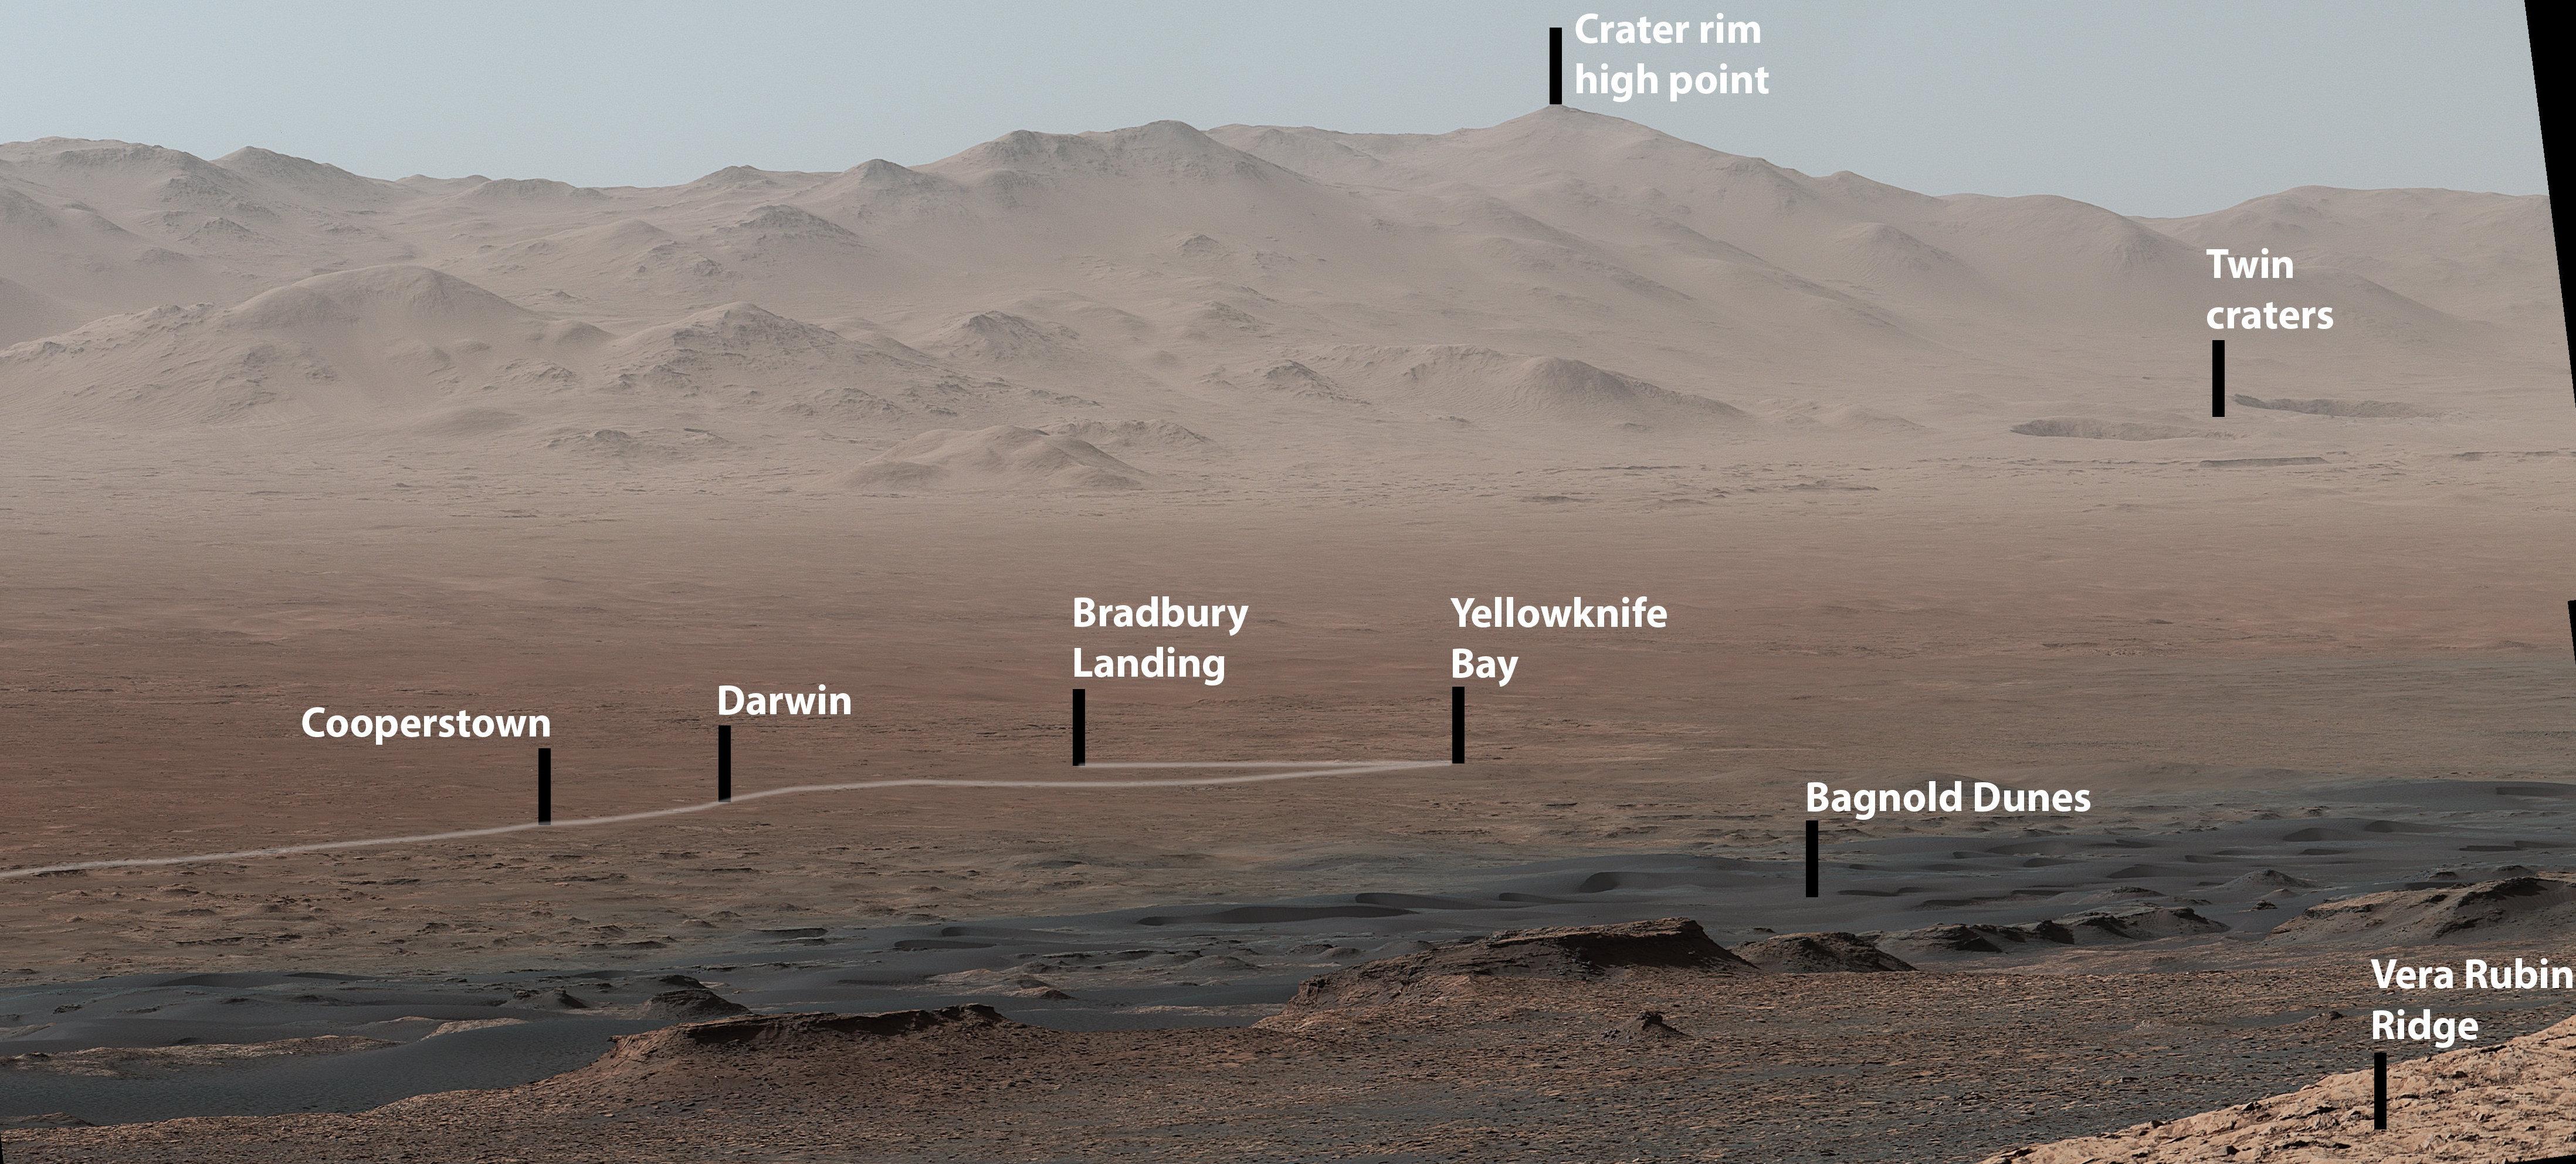 Esta foto muestra el sitio, donde el rover Curiosity aterrizó en 2012,  hace más de 2.000 días. También muestra la bahía de Yellowknife, donde el vehículo encontró el lugar de un antiguo lago de agua dulce que podría haber tenido todos los ingredientes químicos básicos para la vida microbiana.